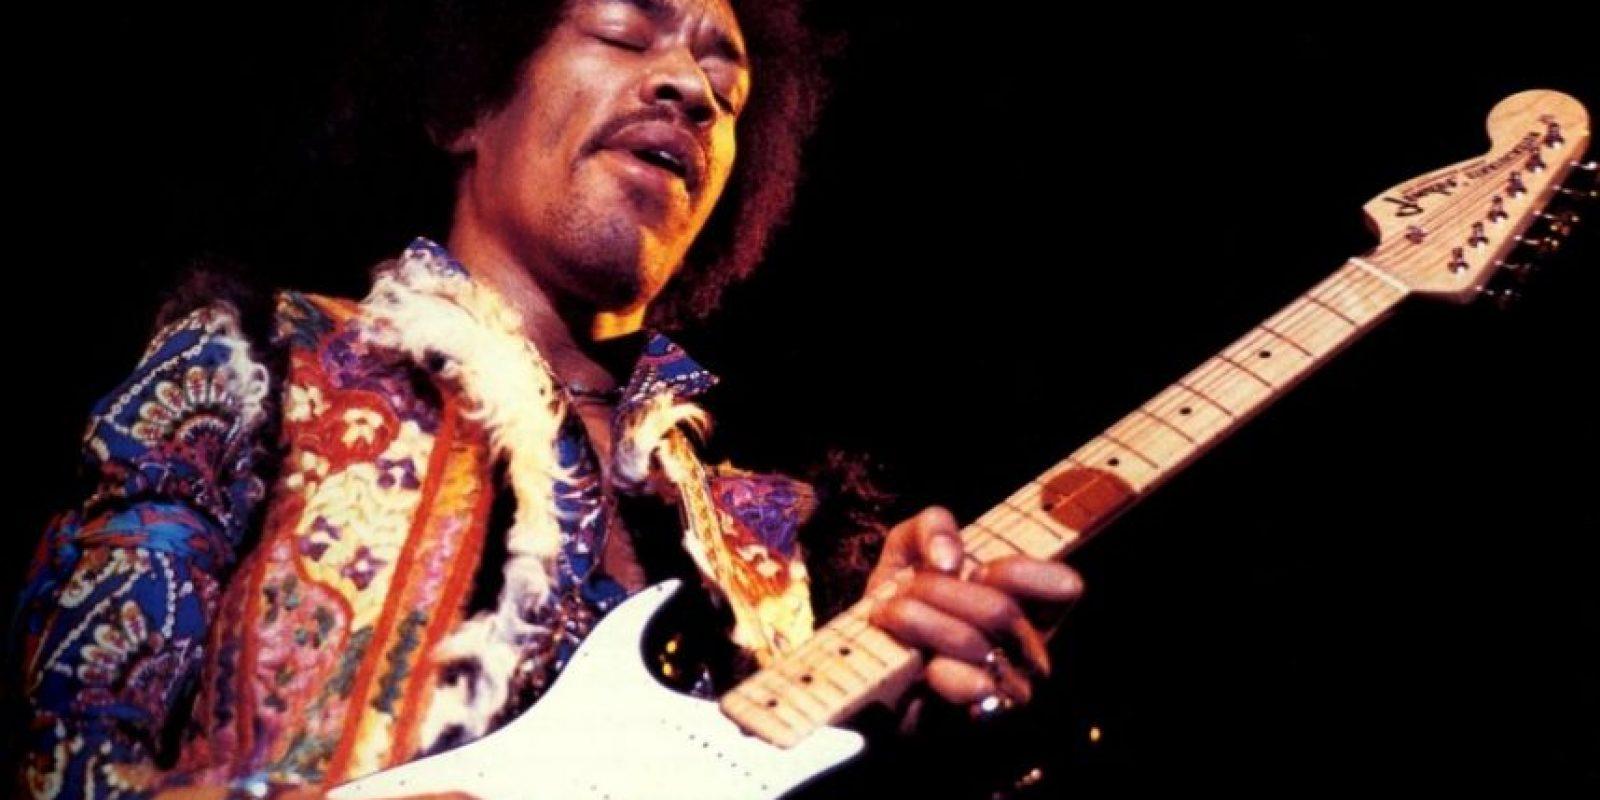 Considerado como el más grande guitarrista de la historia. Se ahogó con su propio vomito mientras era llevado en una camilla, al combinar vino con somníferos Foto:Agencias